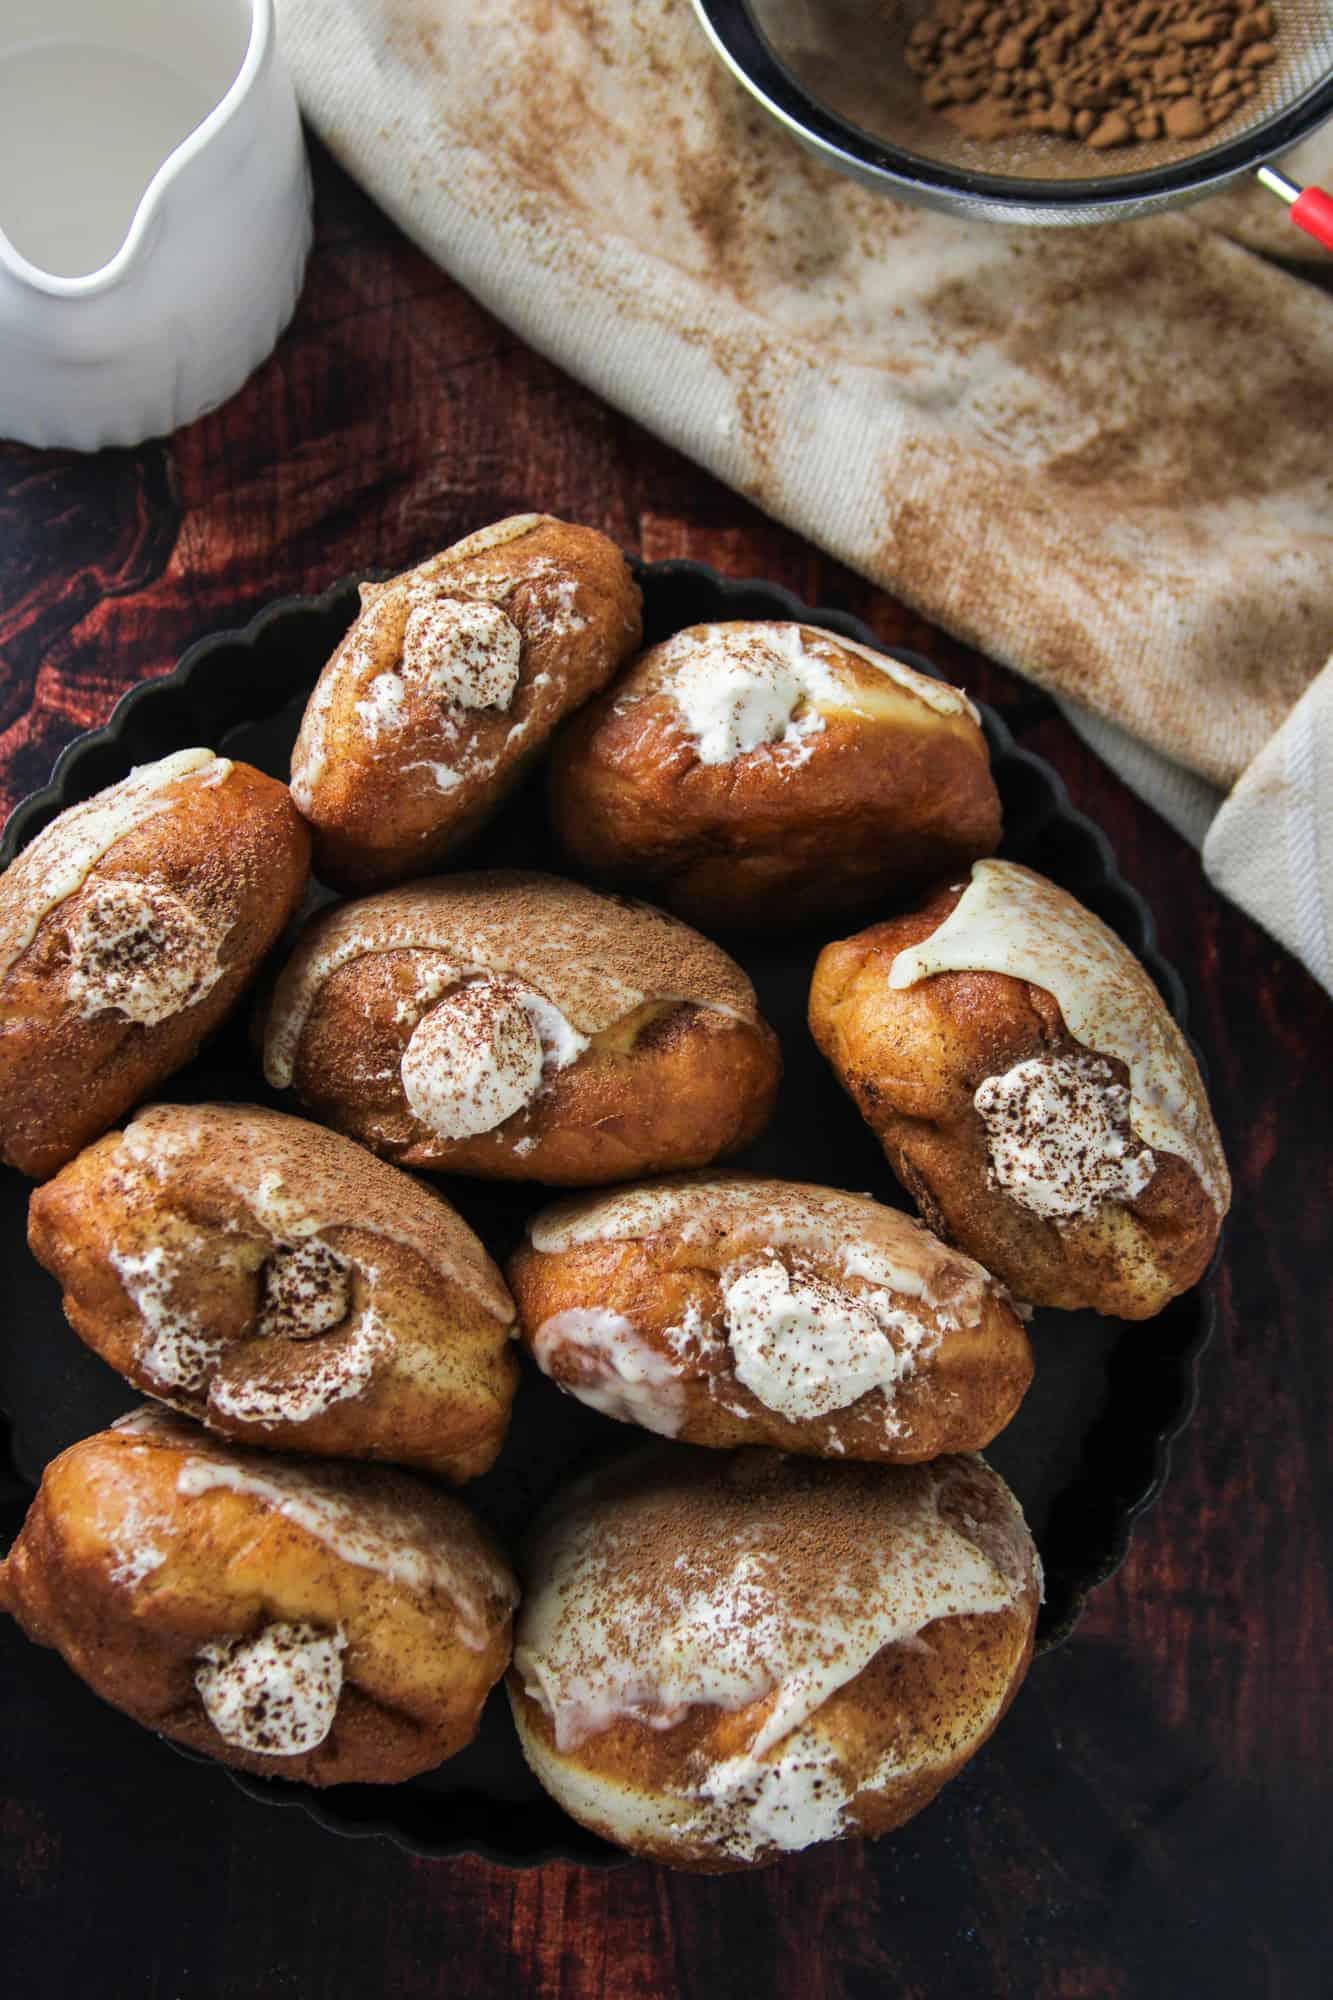 Top shot of Tiramisu Donuts arranged in a circle pan.